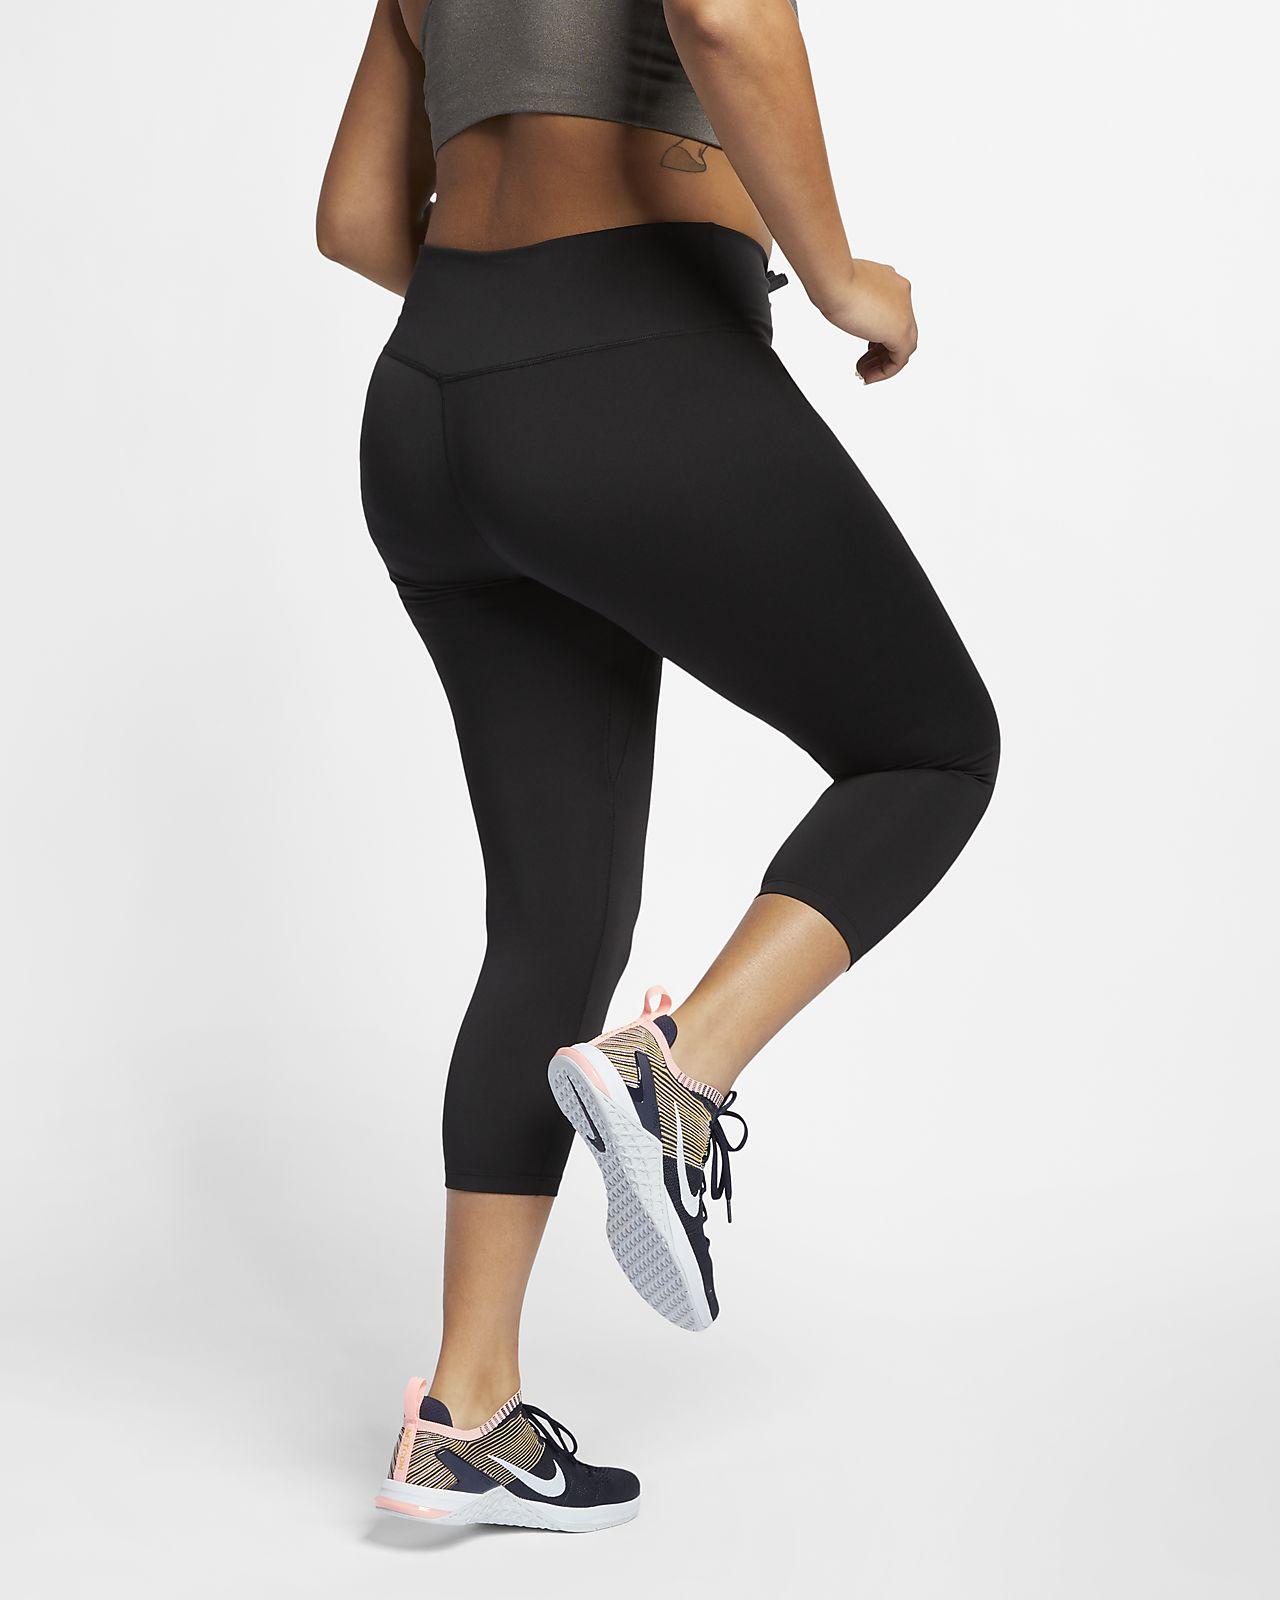 bc46cc64b4de ... Tights Nike One i trekvartslängd för kvinnor (större storlekar)